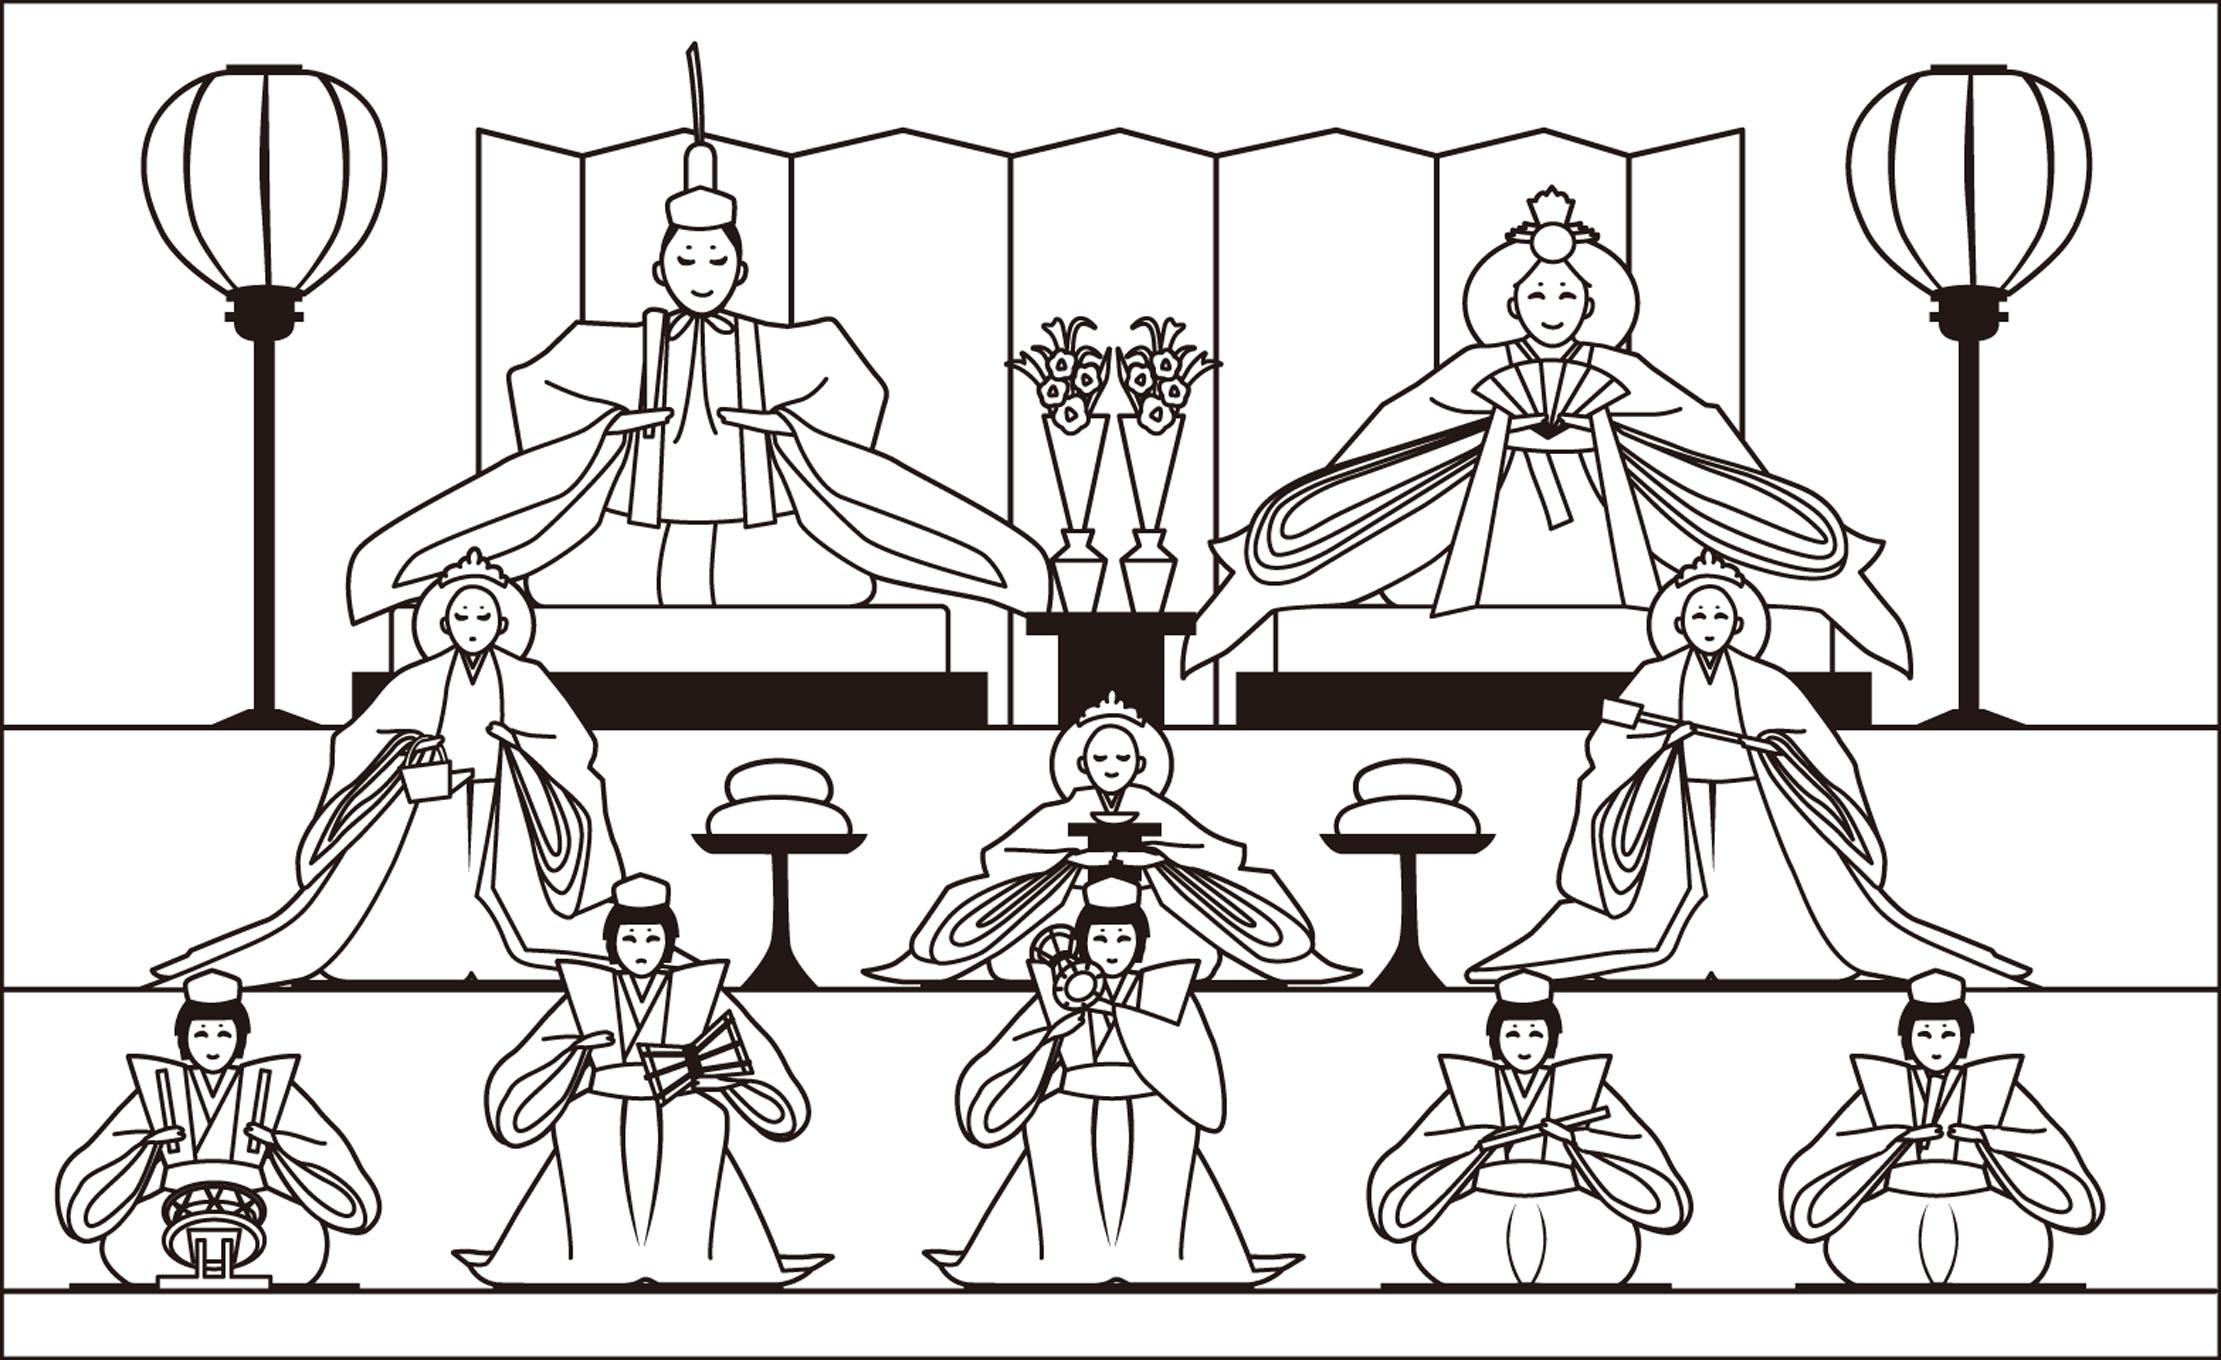 レク素材 雛飾り介護レク広場レク素材やレクネタ企画書の無料